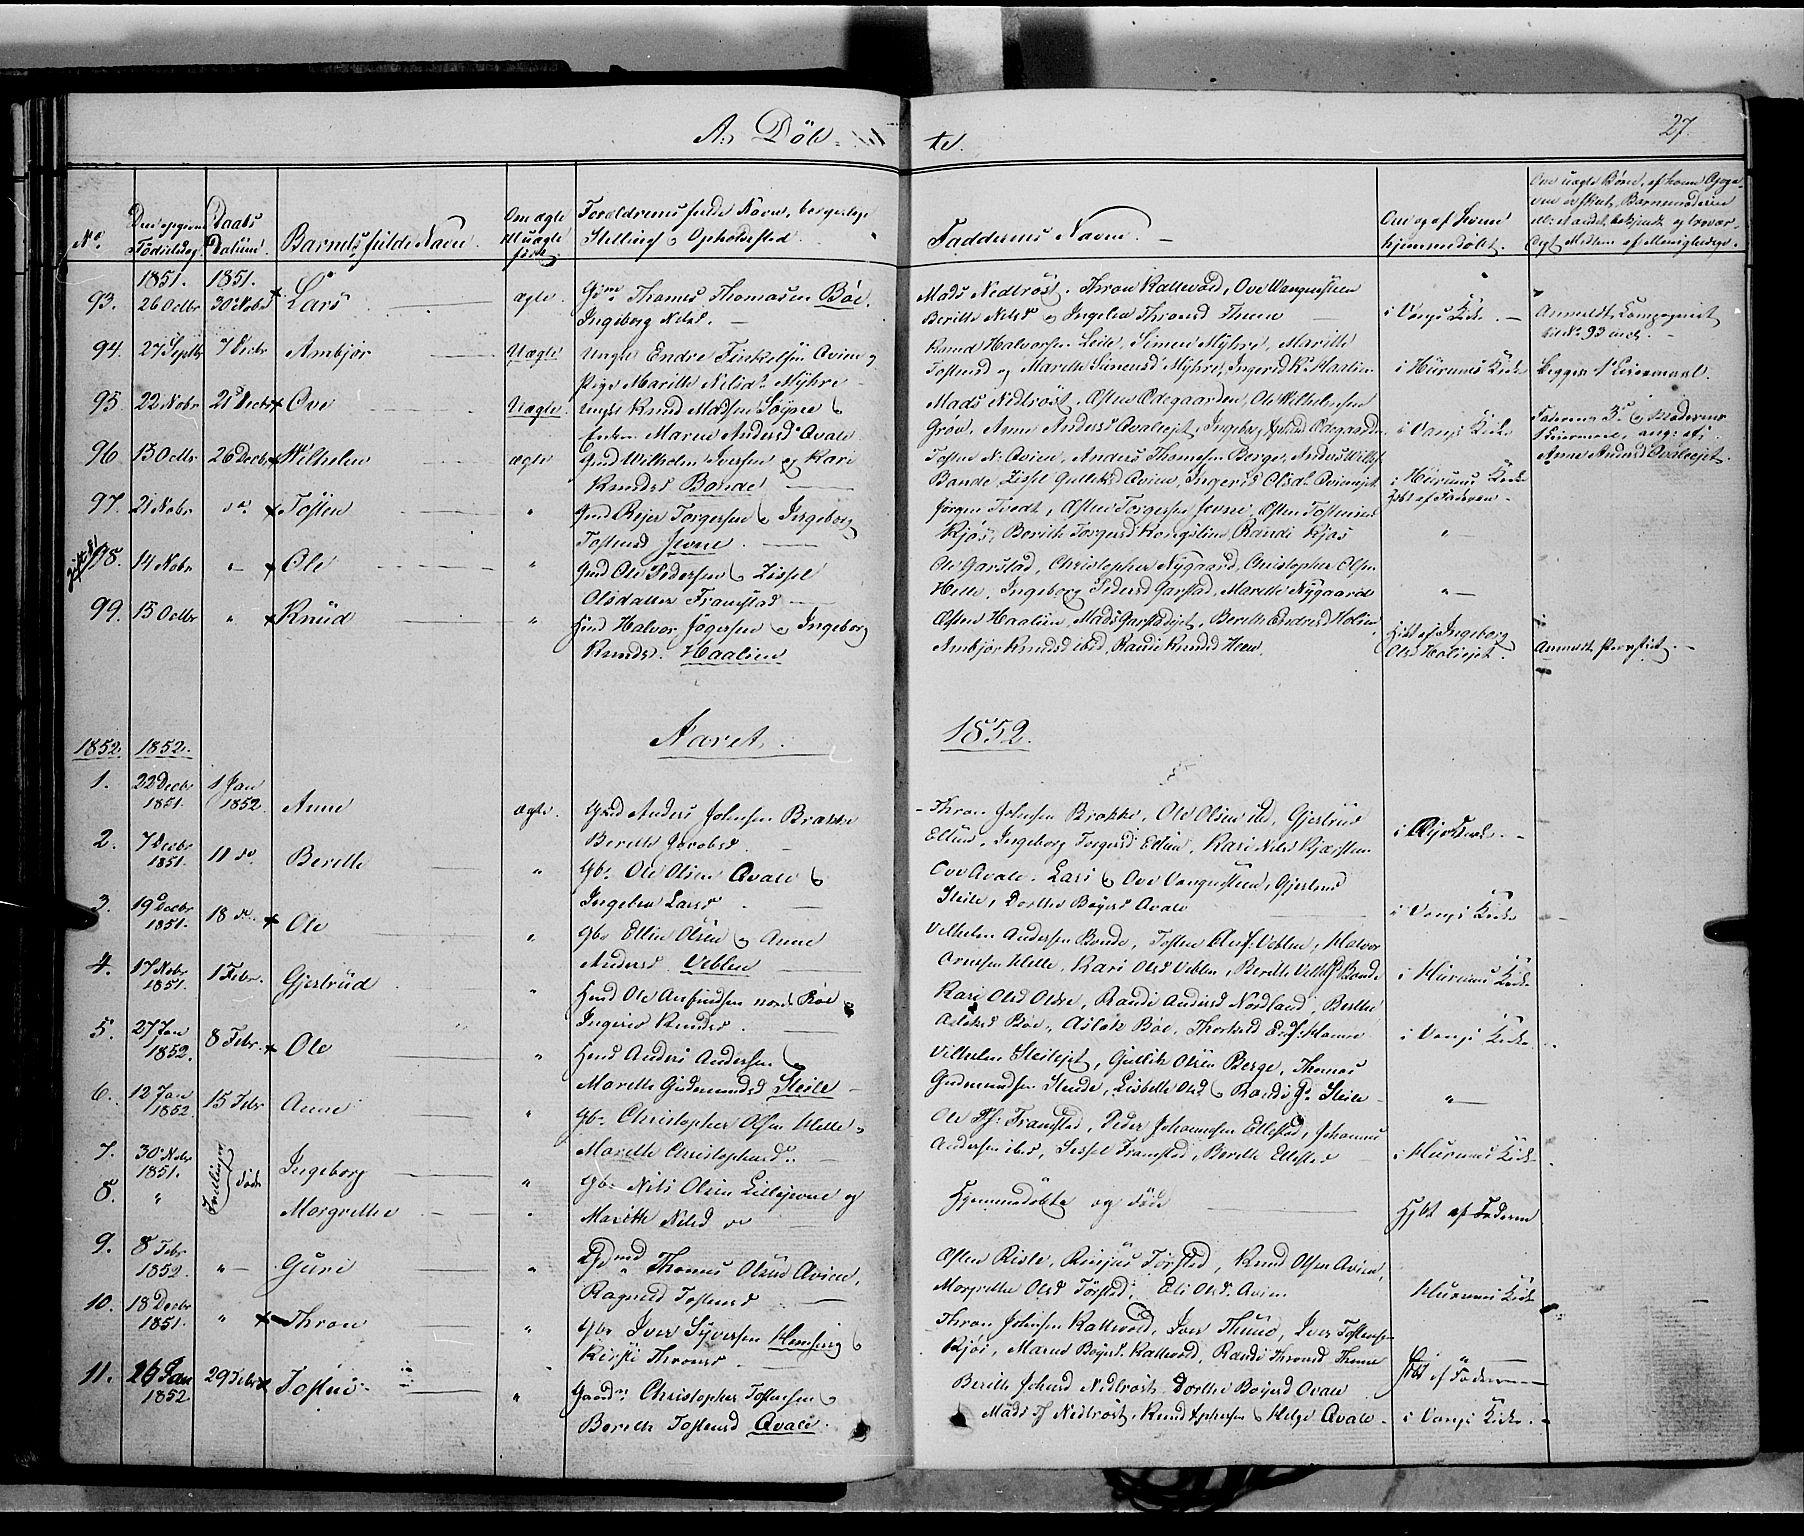 SAH, Vang prestekontor, Valdres, Ministerialbok nr. 6, 1846-1864, s. 27